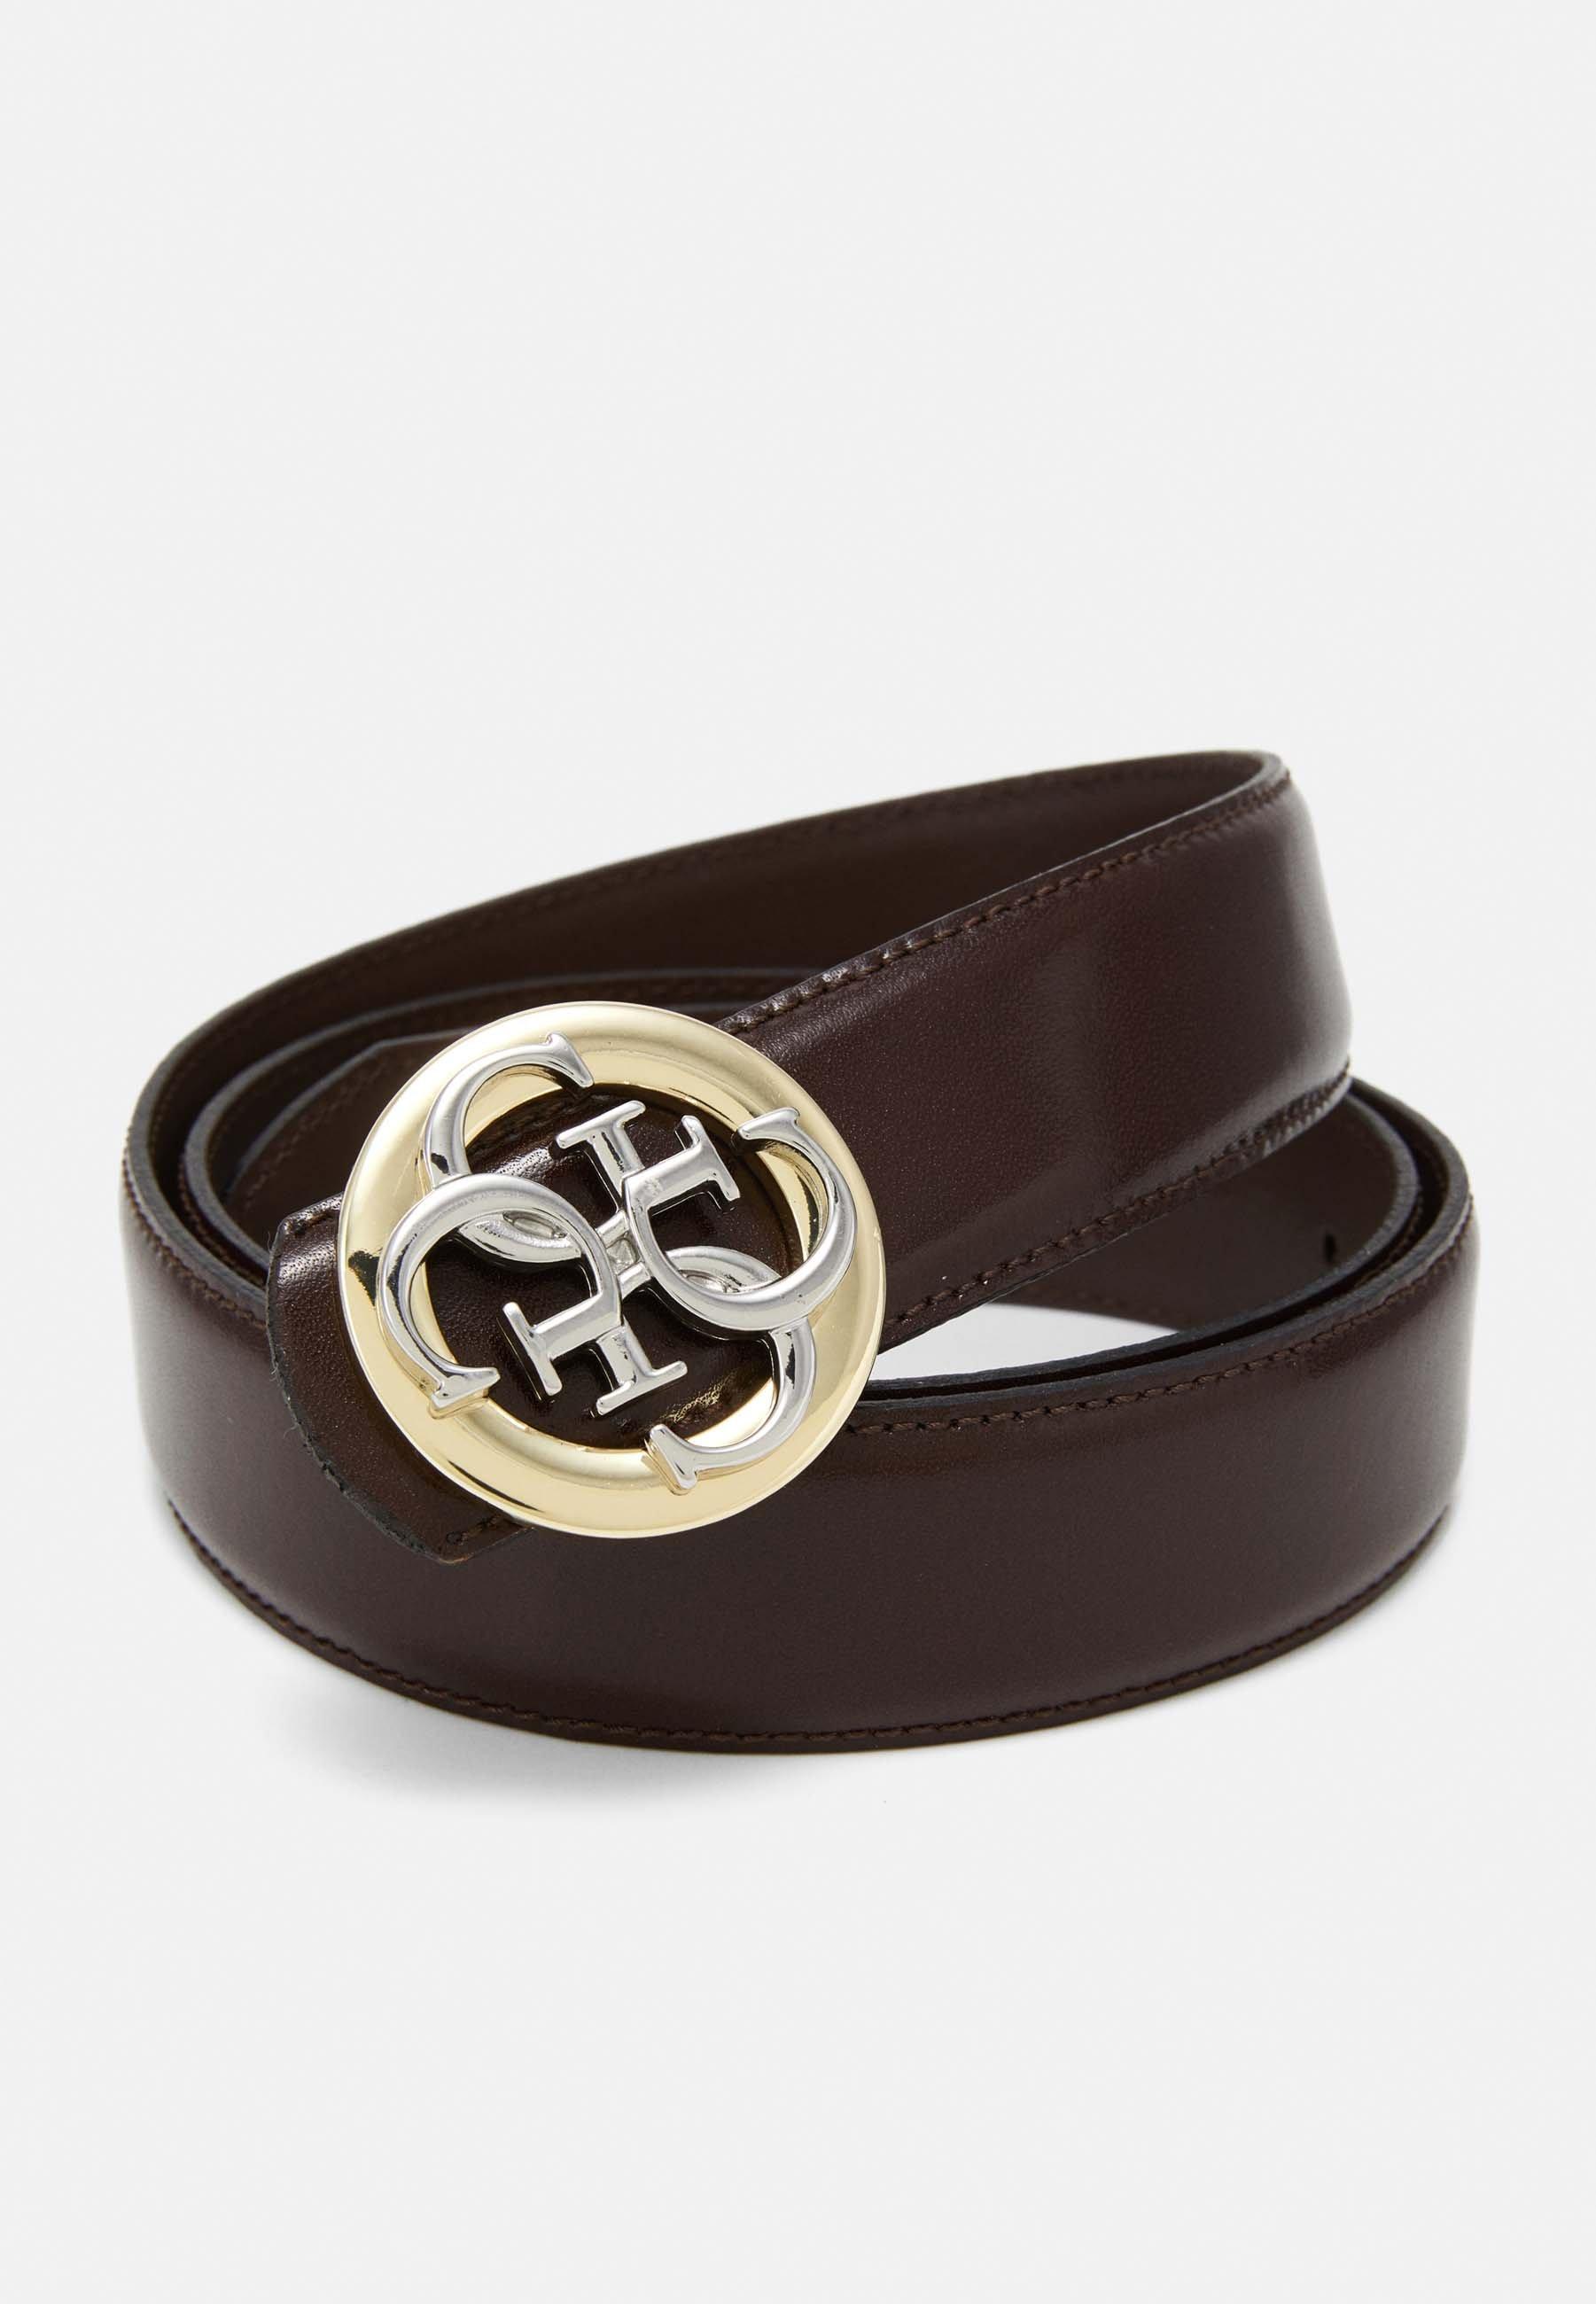 Guess ADJUSTABLE BELT - Belte - brown/brun kuXoLj4XJuFEWdp